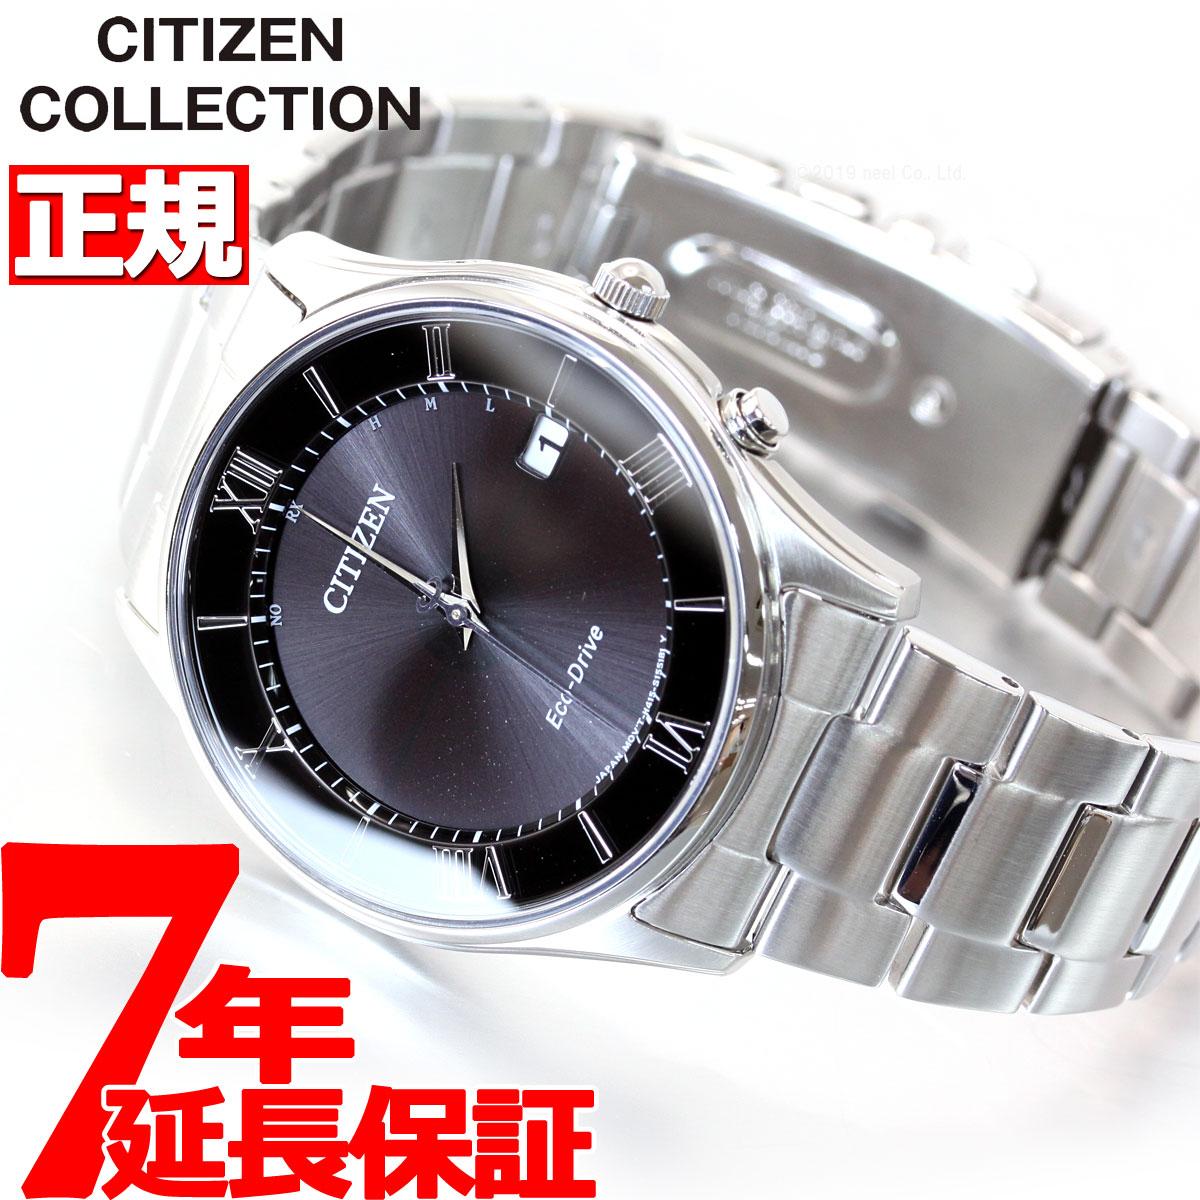 【SHOP OF THE YEAR 2018 受賞】シチズンコレクション CITIZEN COLLECTION エコドライブ ソーラー 電波時計 腕時計 メンズ AS1060-54E